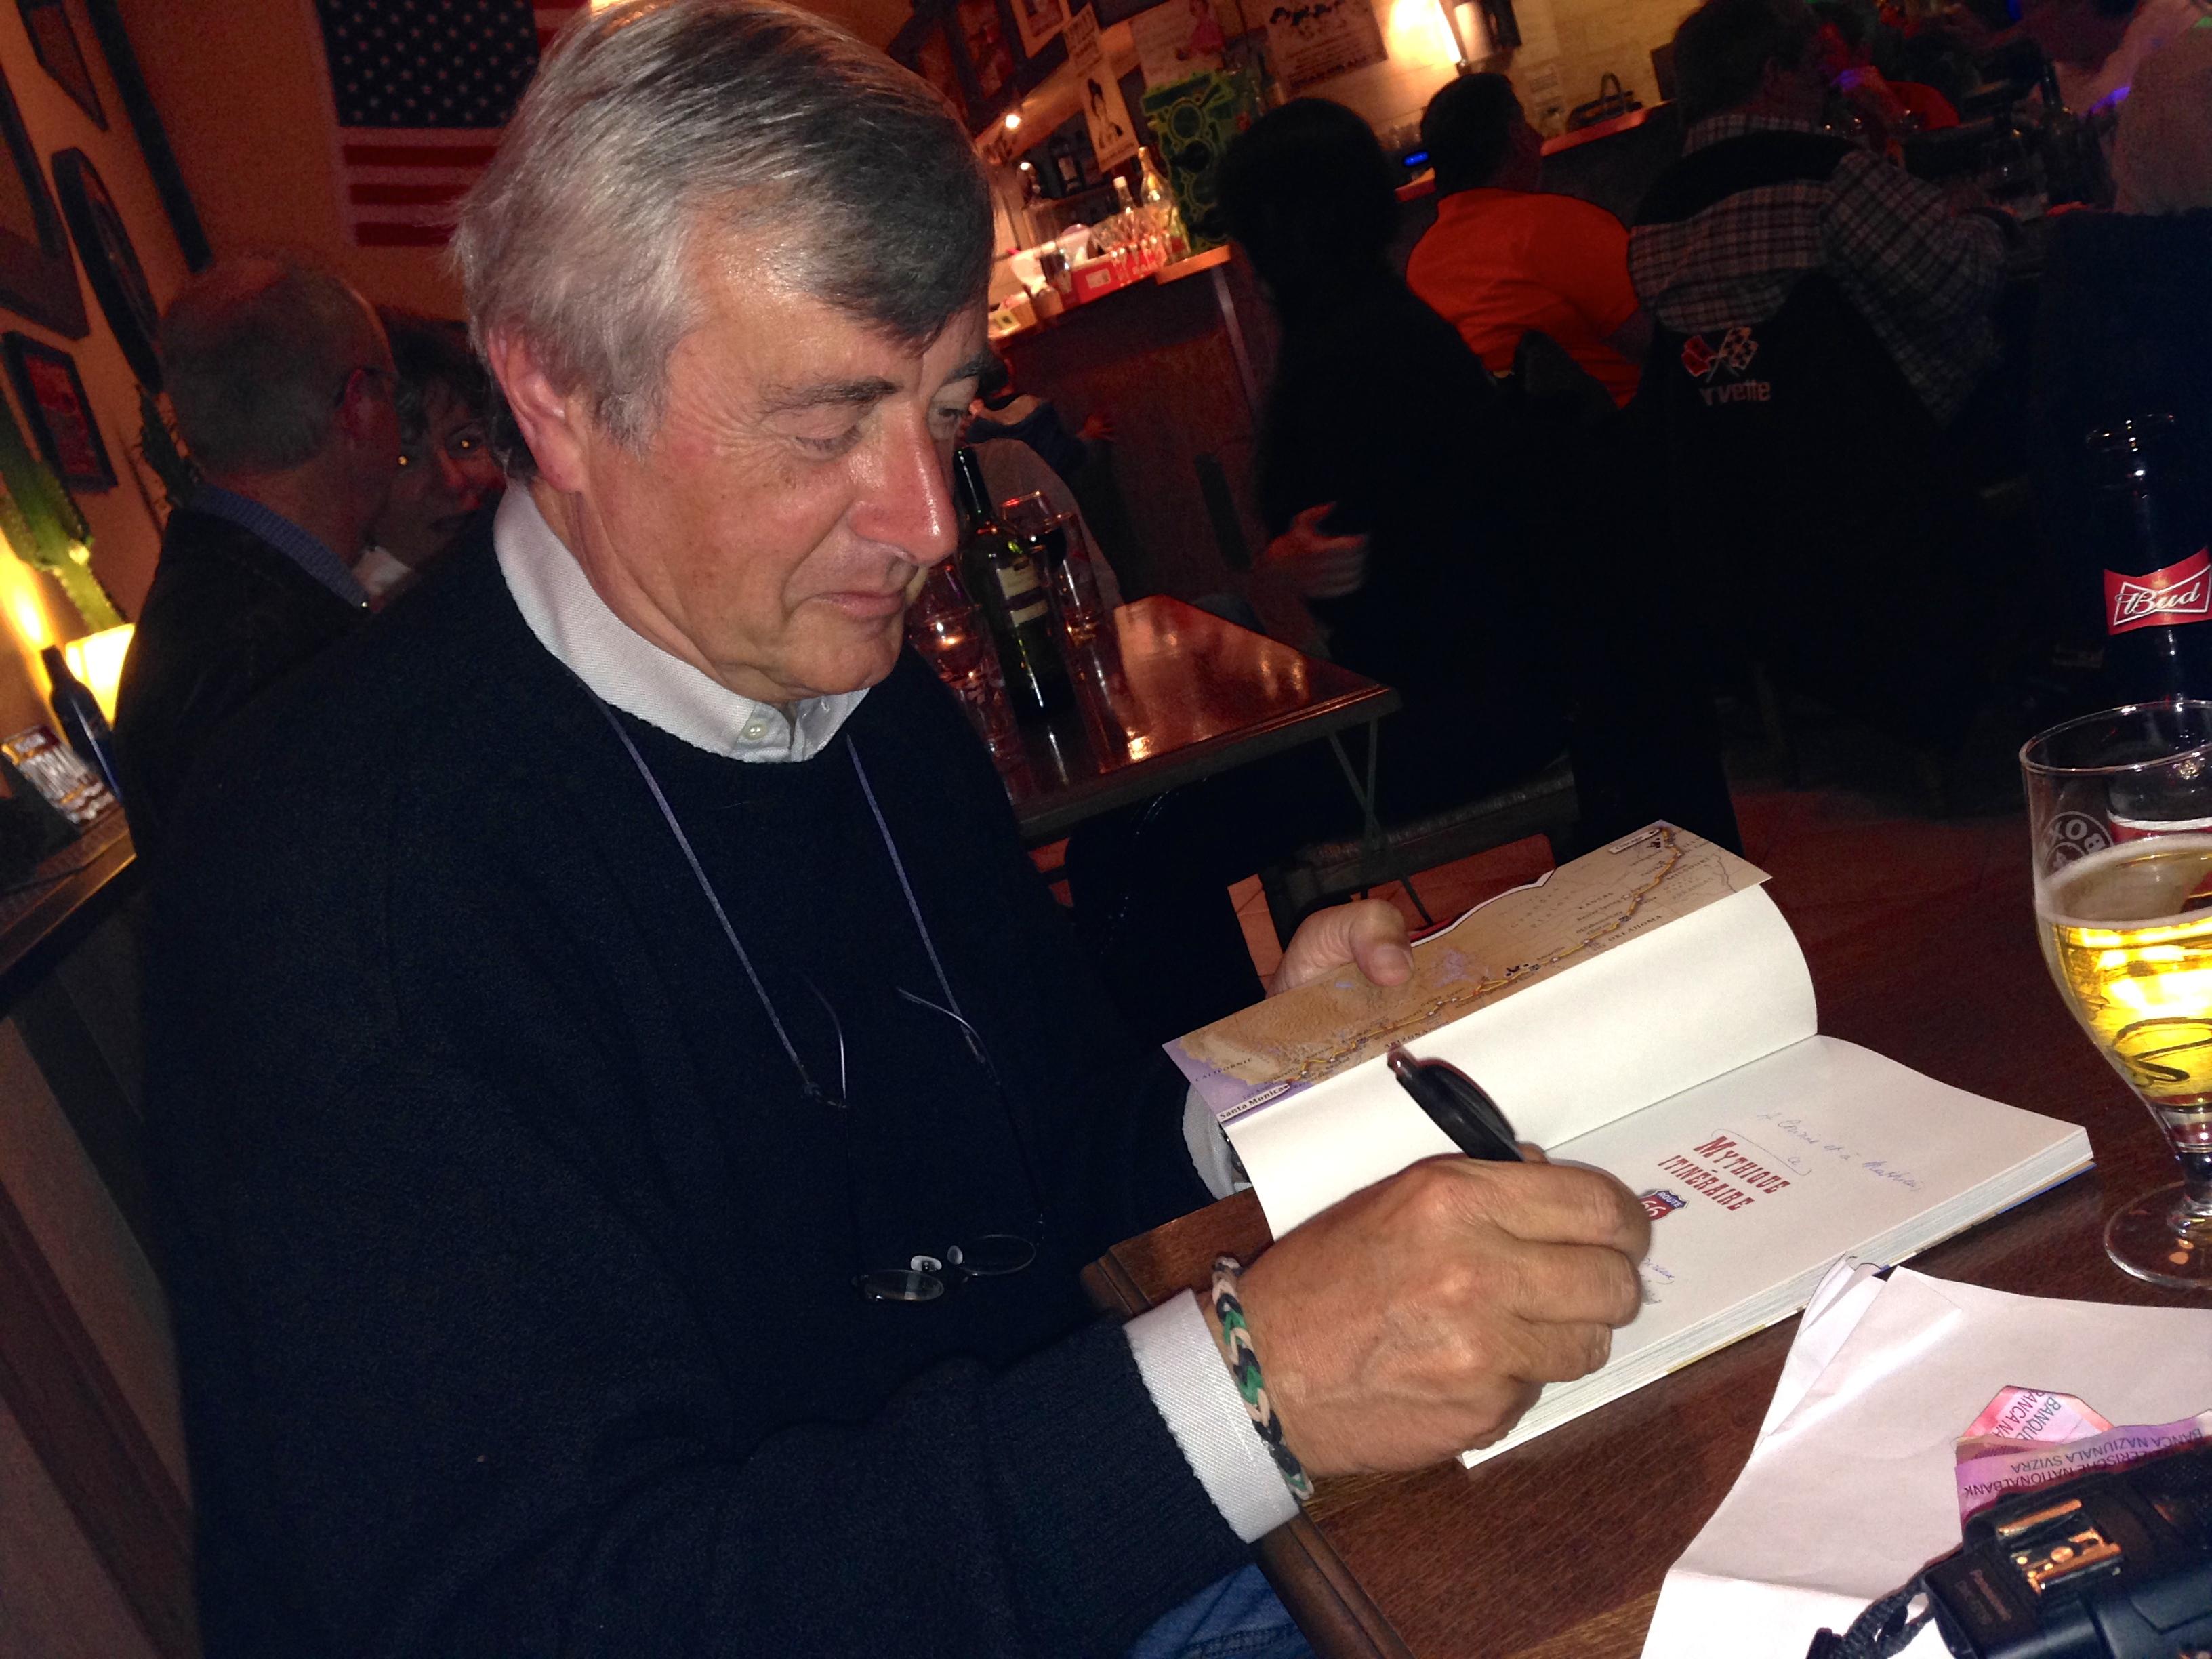 Fabien Dunand en pleine séance de dédicace de son livre « Route 66 Mythique Itinéraire » paru aux éditions Favre